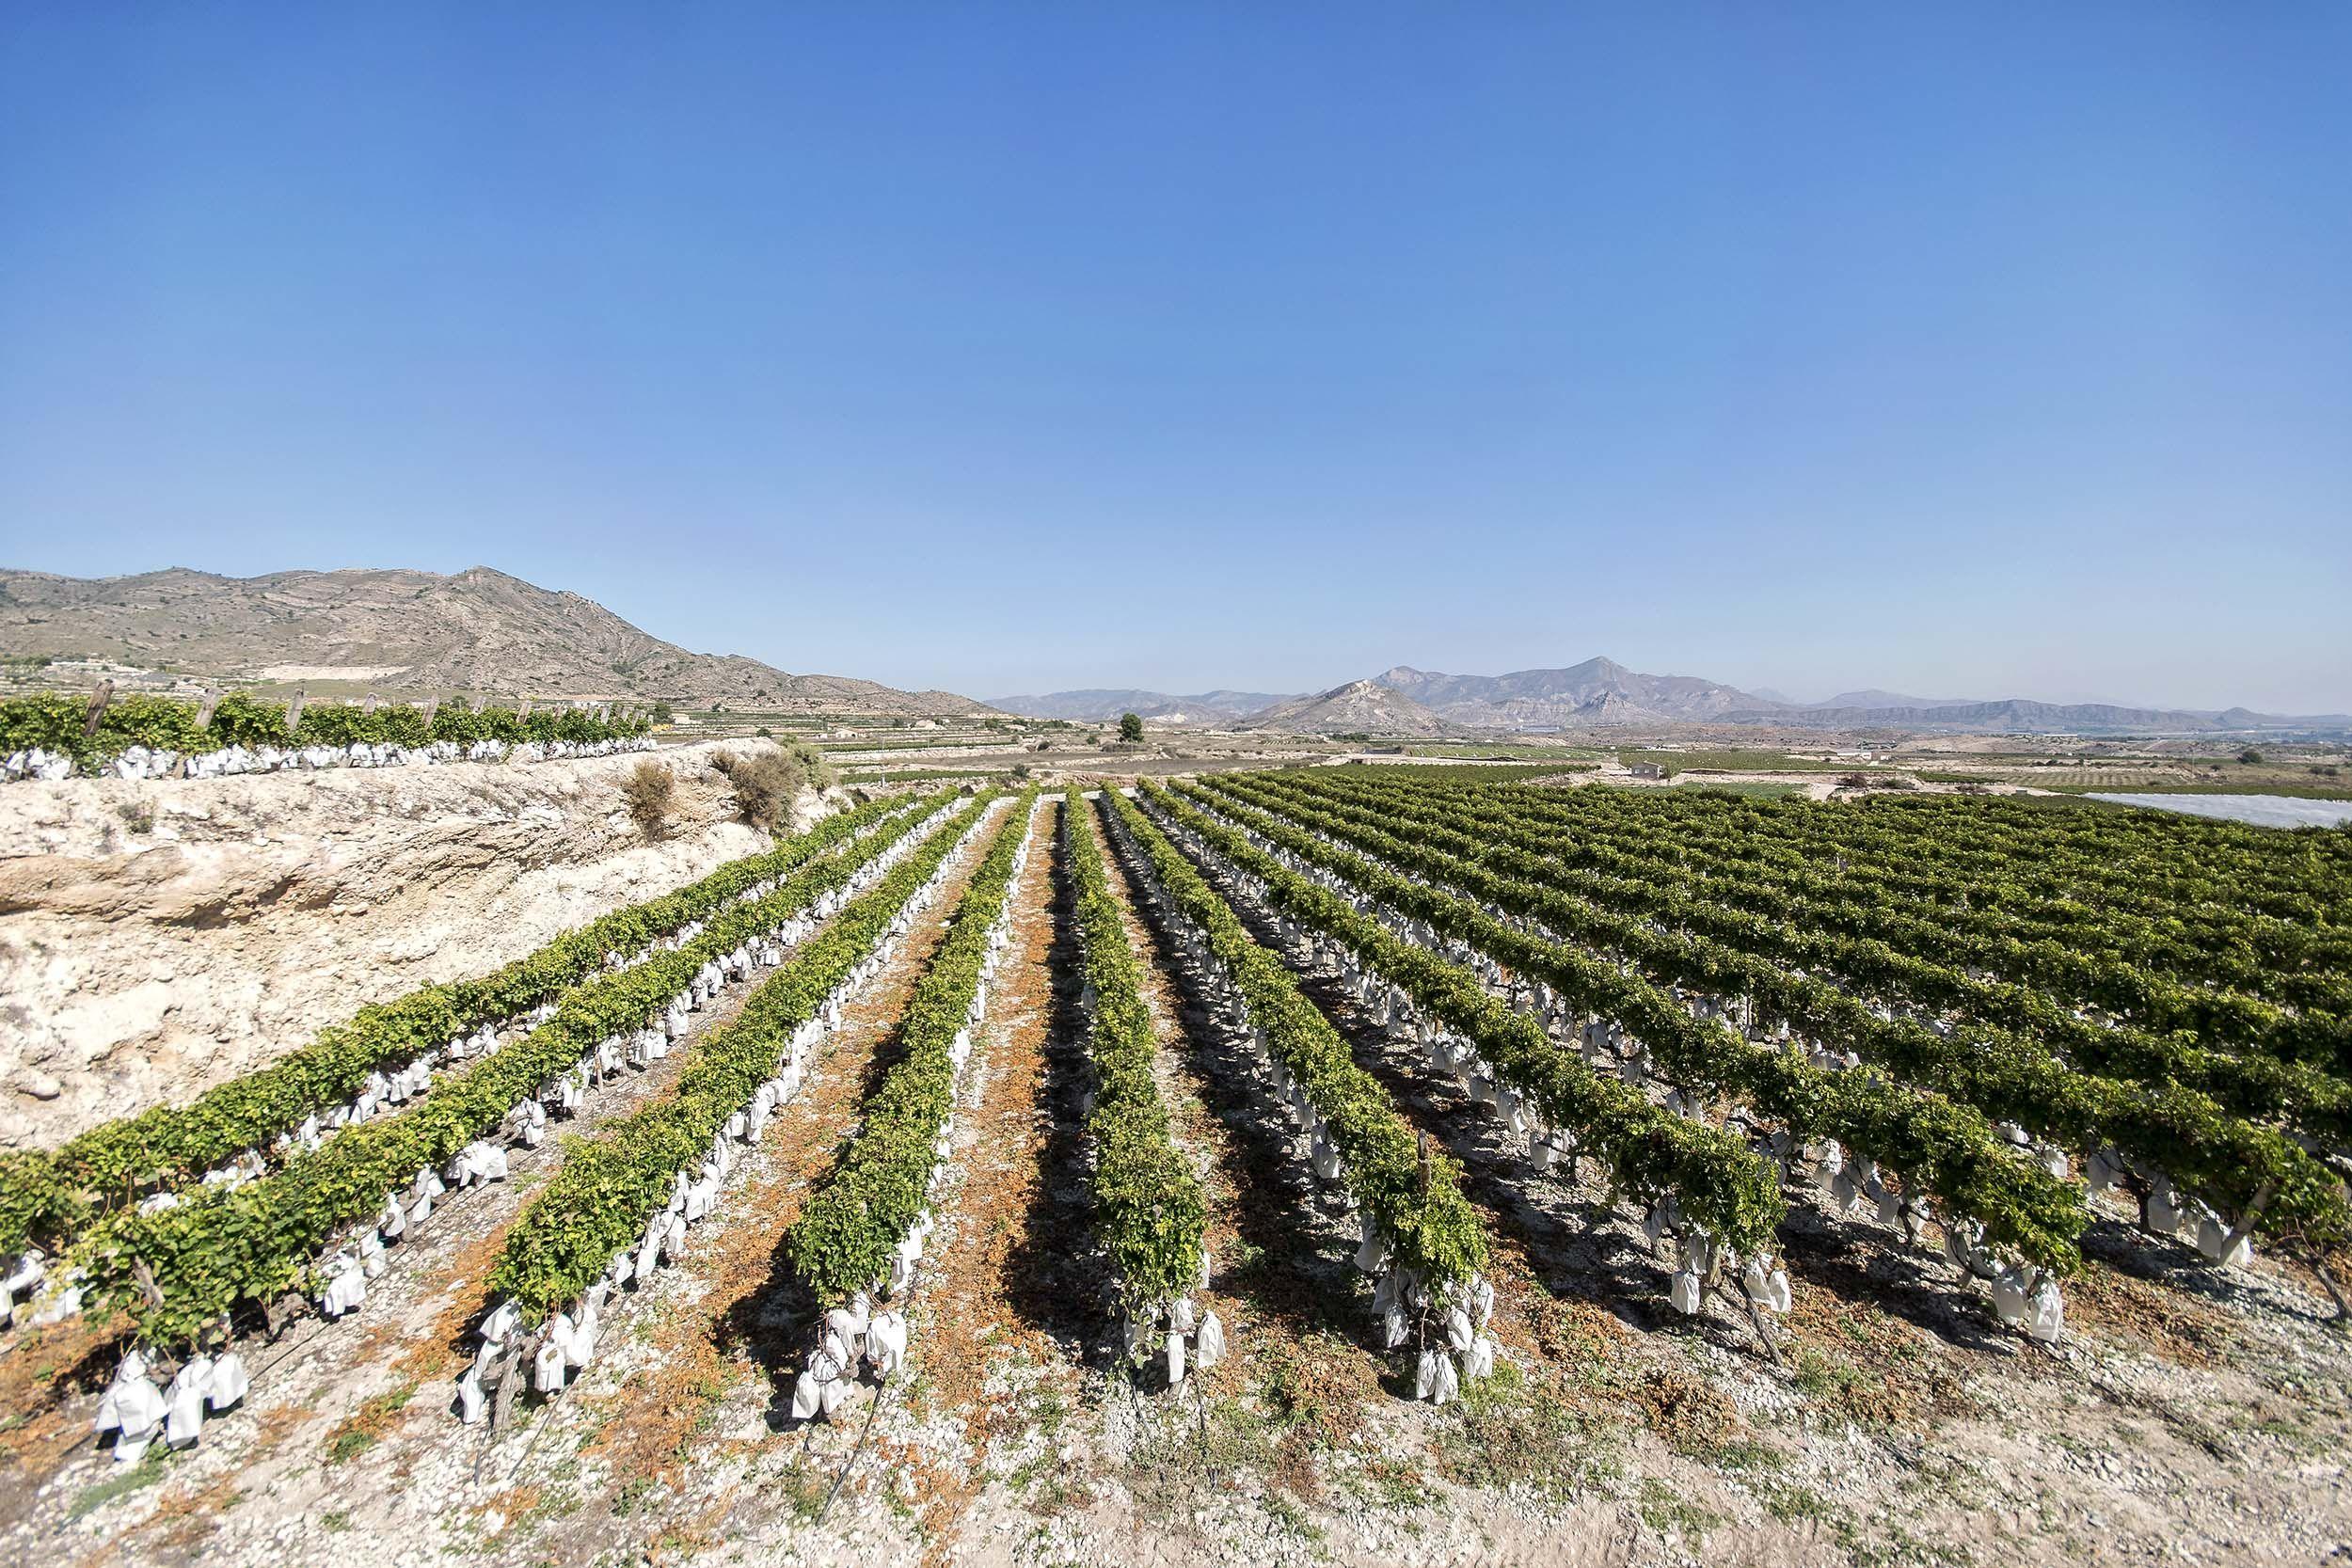 Montaje de todo tipo de infraestructuras en cultivos de uvas